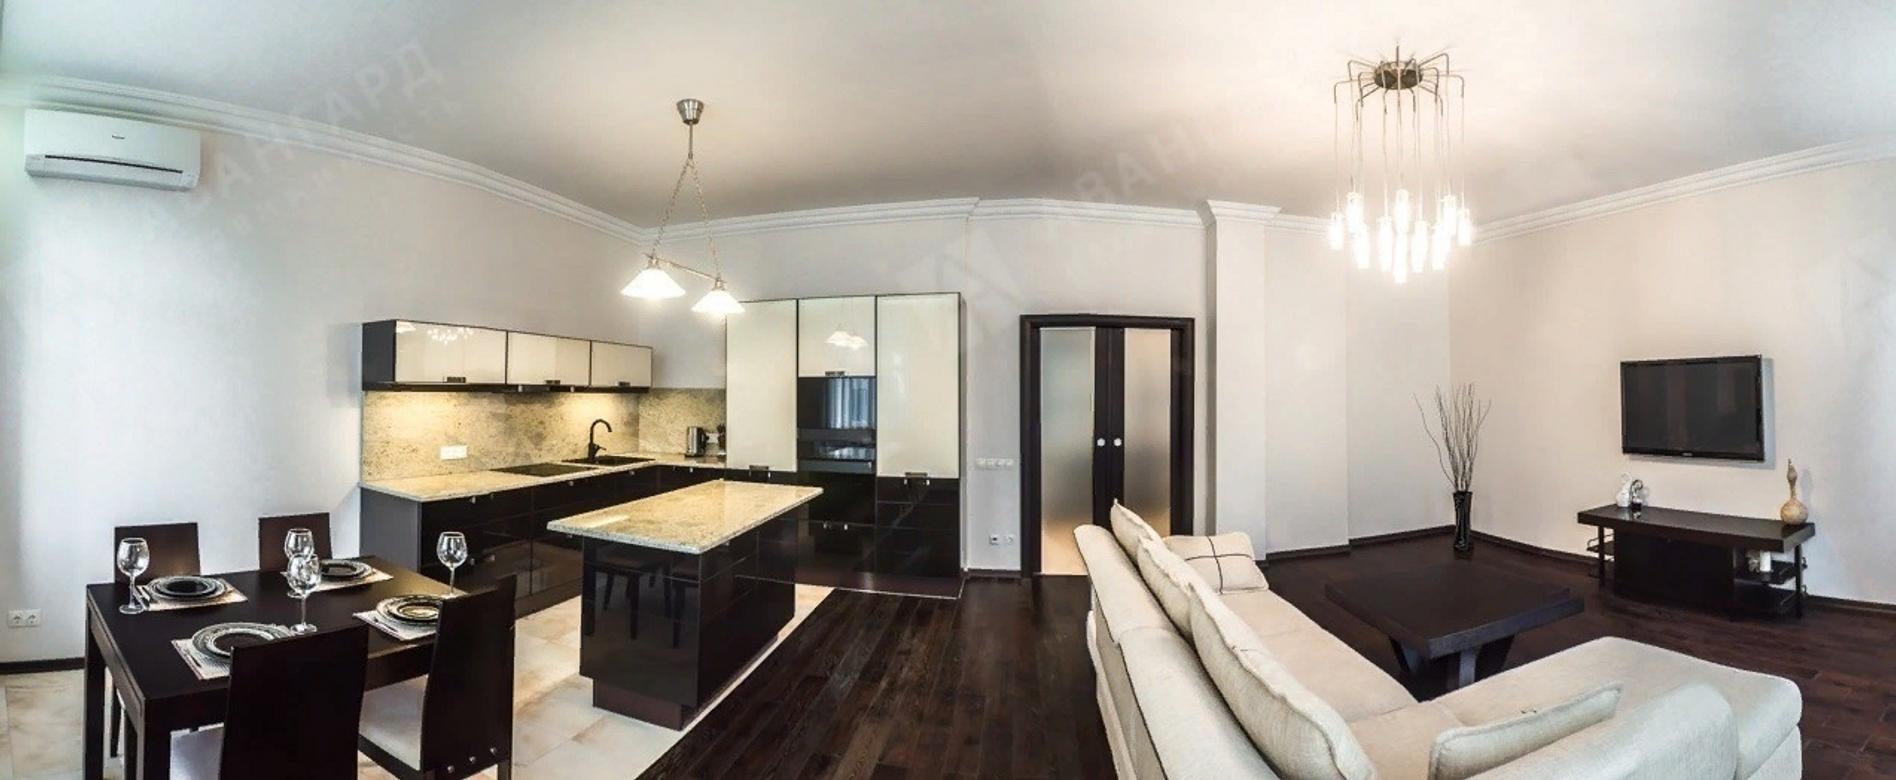 2-комнатная квартира, Каменноостровский пр-кт, 40а - фото 2